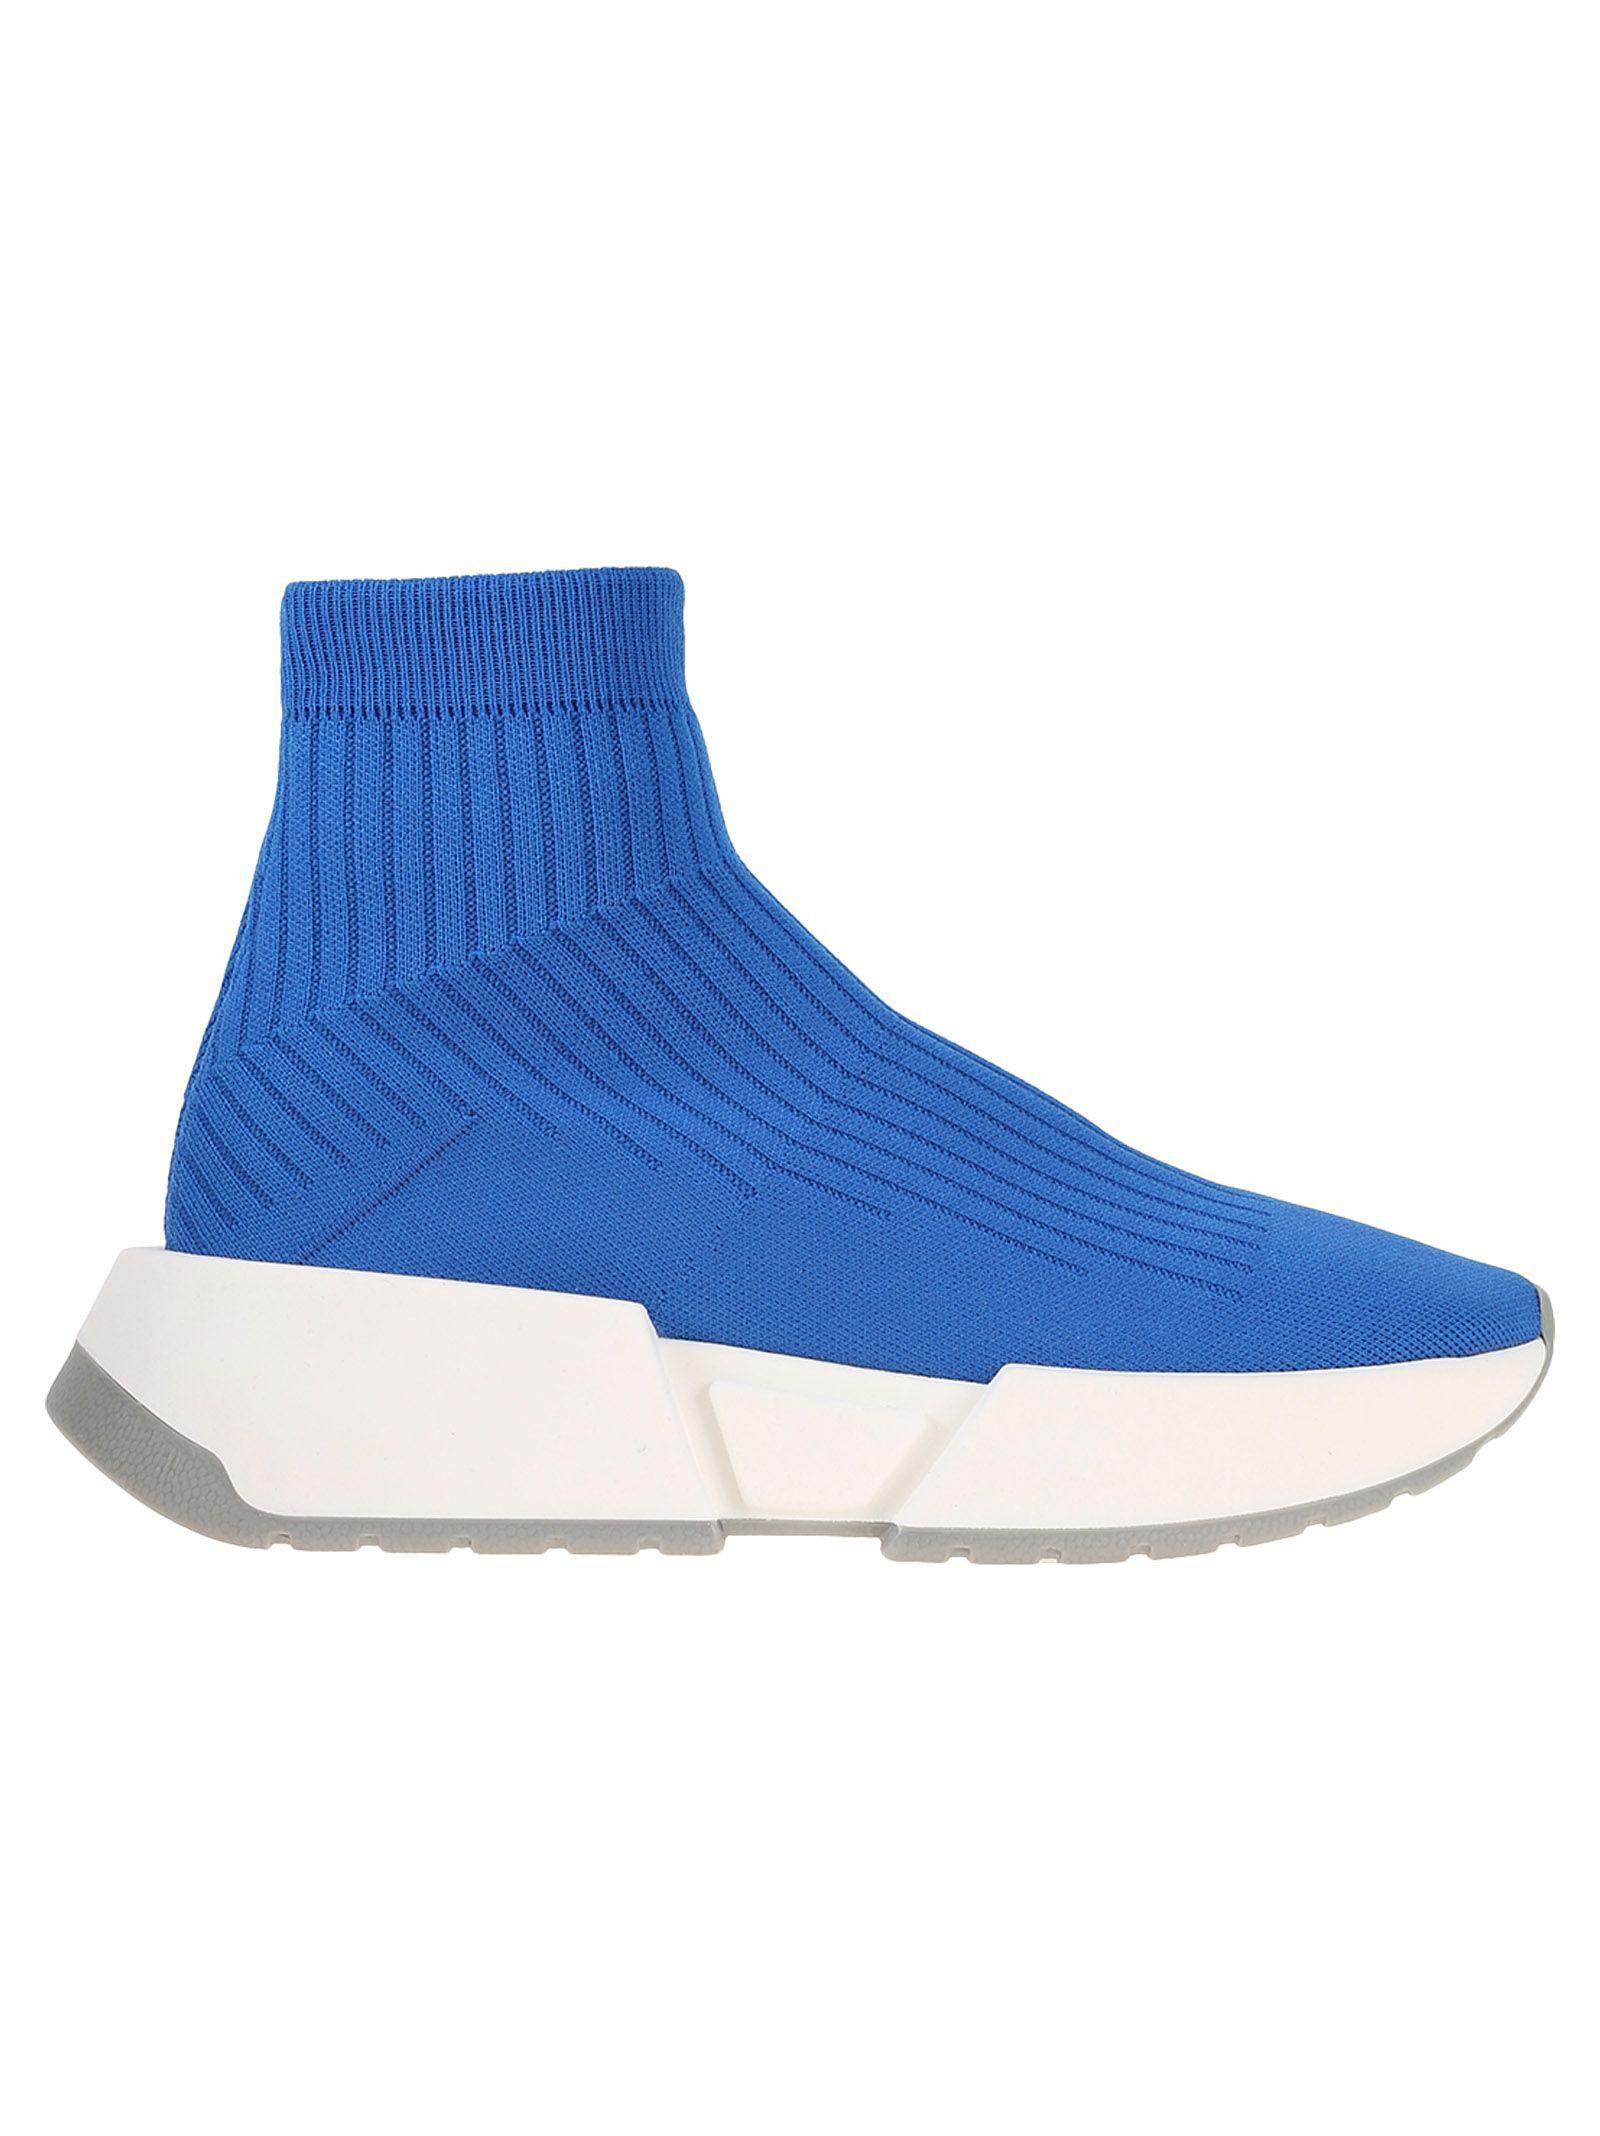 on sale e7d9e 66e58 MM6 MAISON MARGIELA MM6 MAISON MARGIELA SOCK SNEAKERS. mm6maisonmargiela  shoes